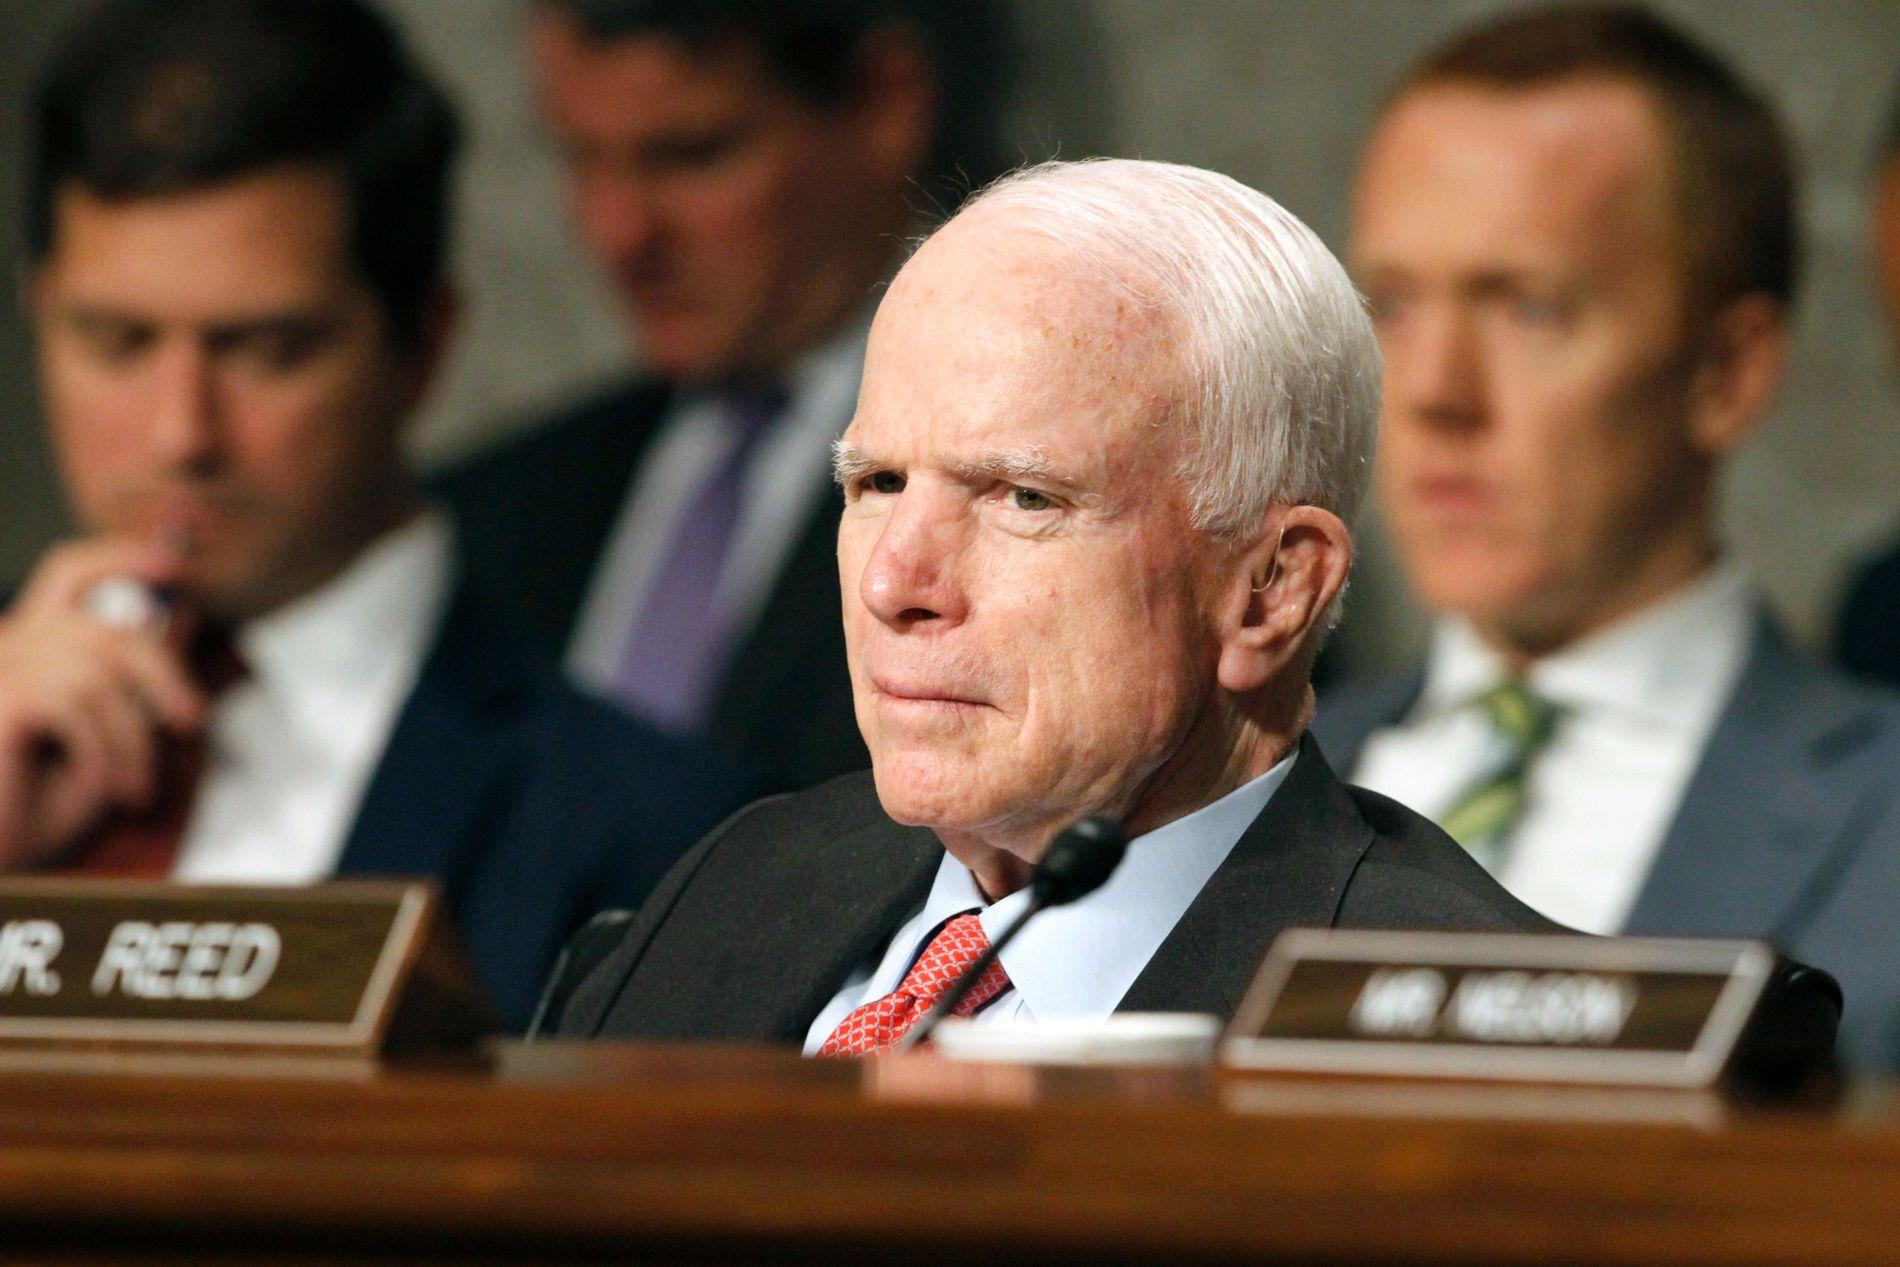 Den 80 år gamle amerikanske senatoren John McCain er diagnostisert med hjernesvulst.